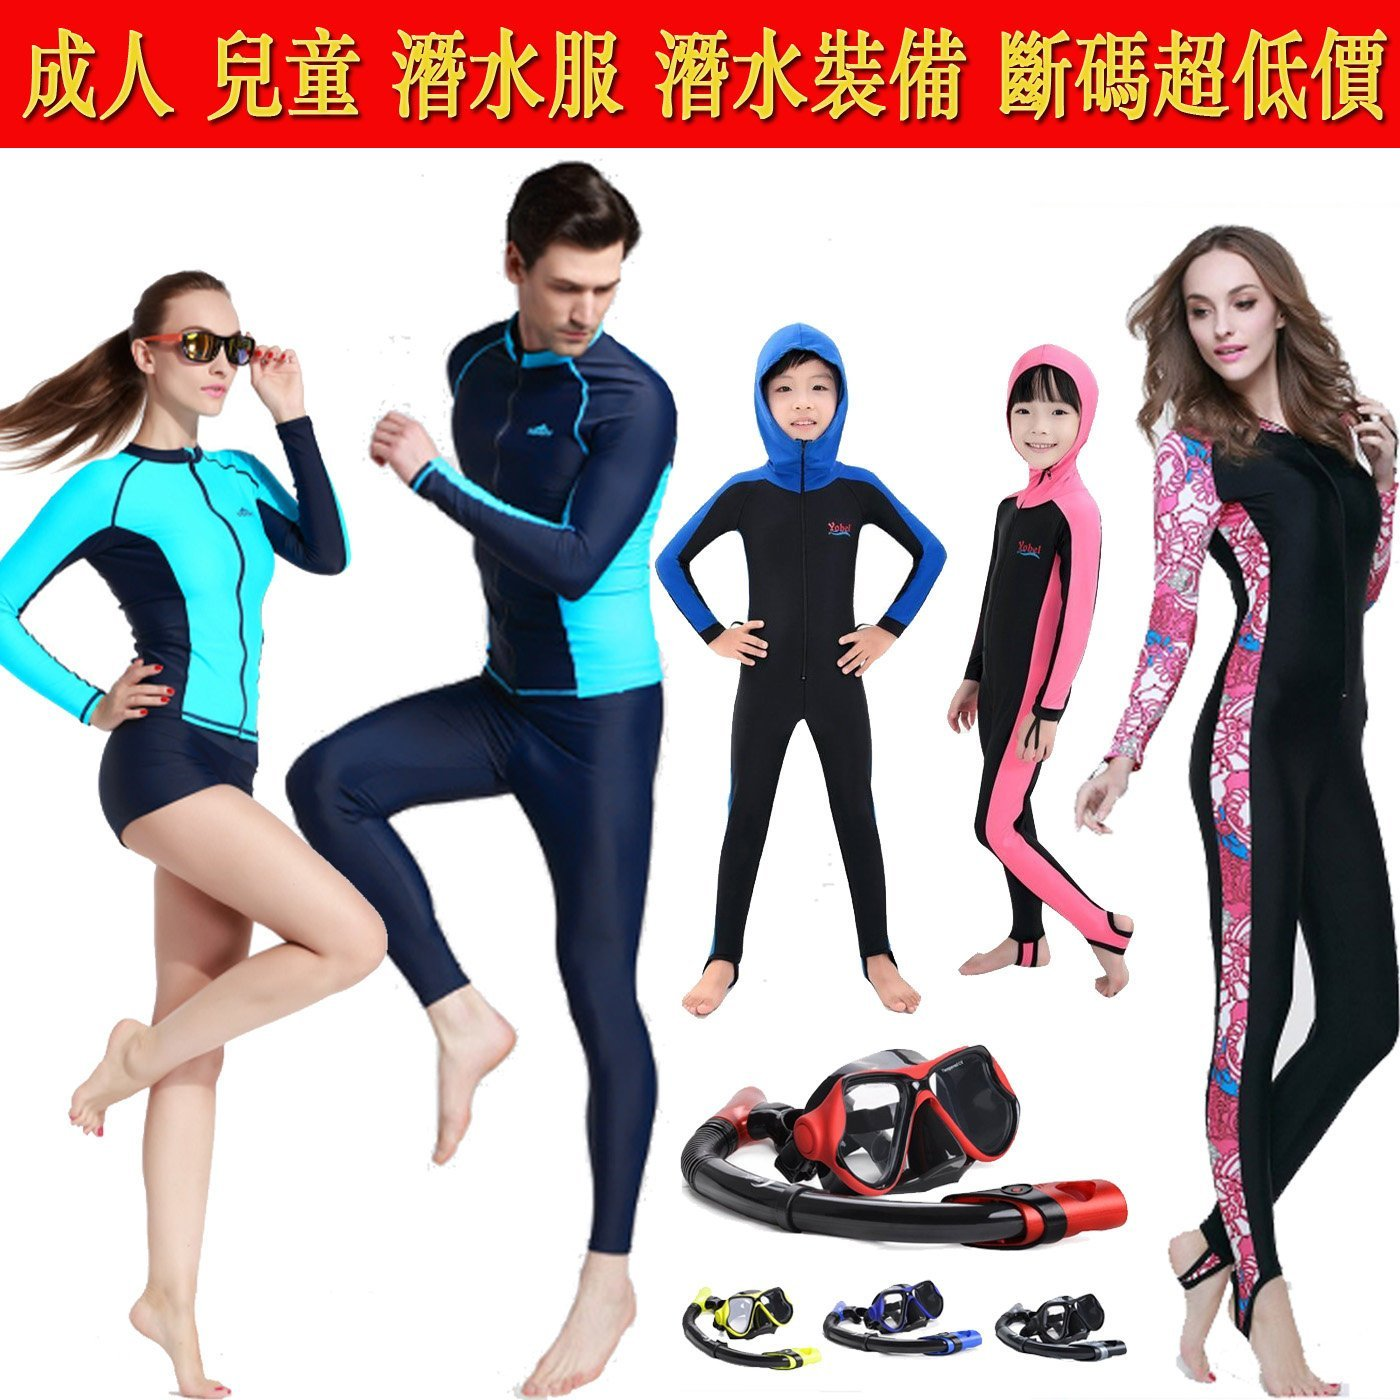 【 百分百】  虧本 成人 兒童 潛水衣 水母衣 衝浪衣 防曬衣 游泳衣 潛水鞋 救生衣 浮潛裝備